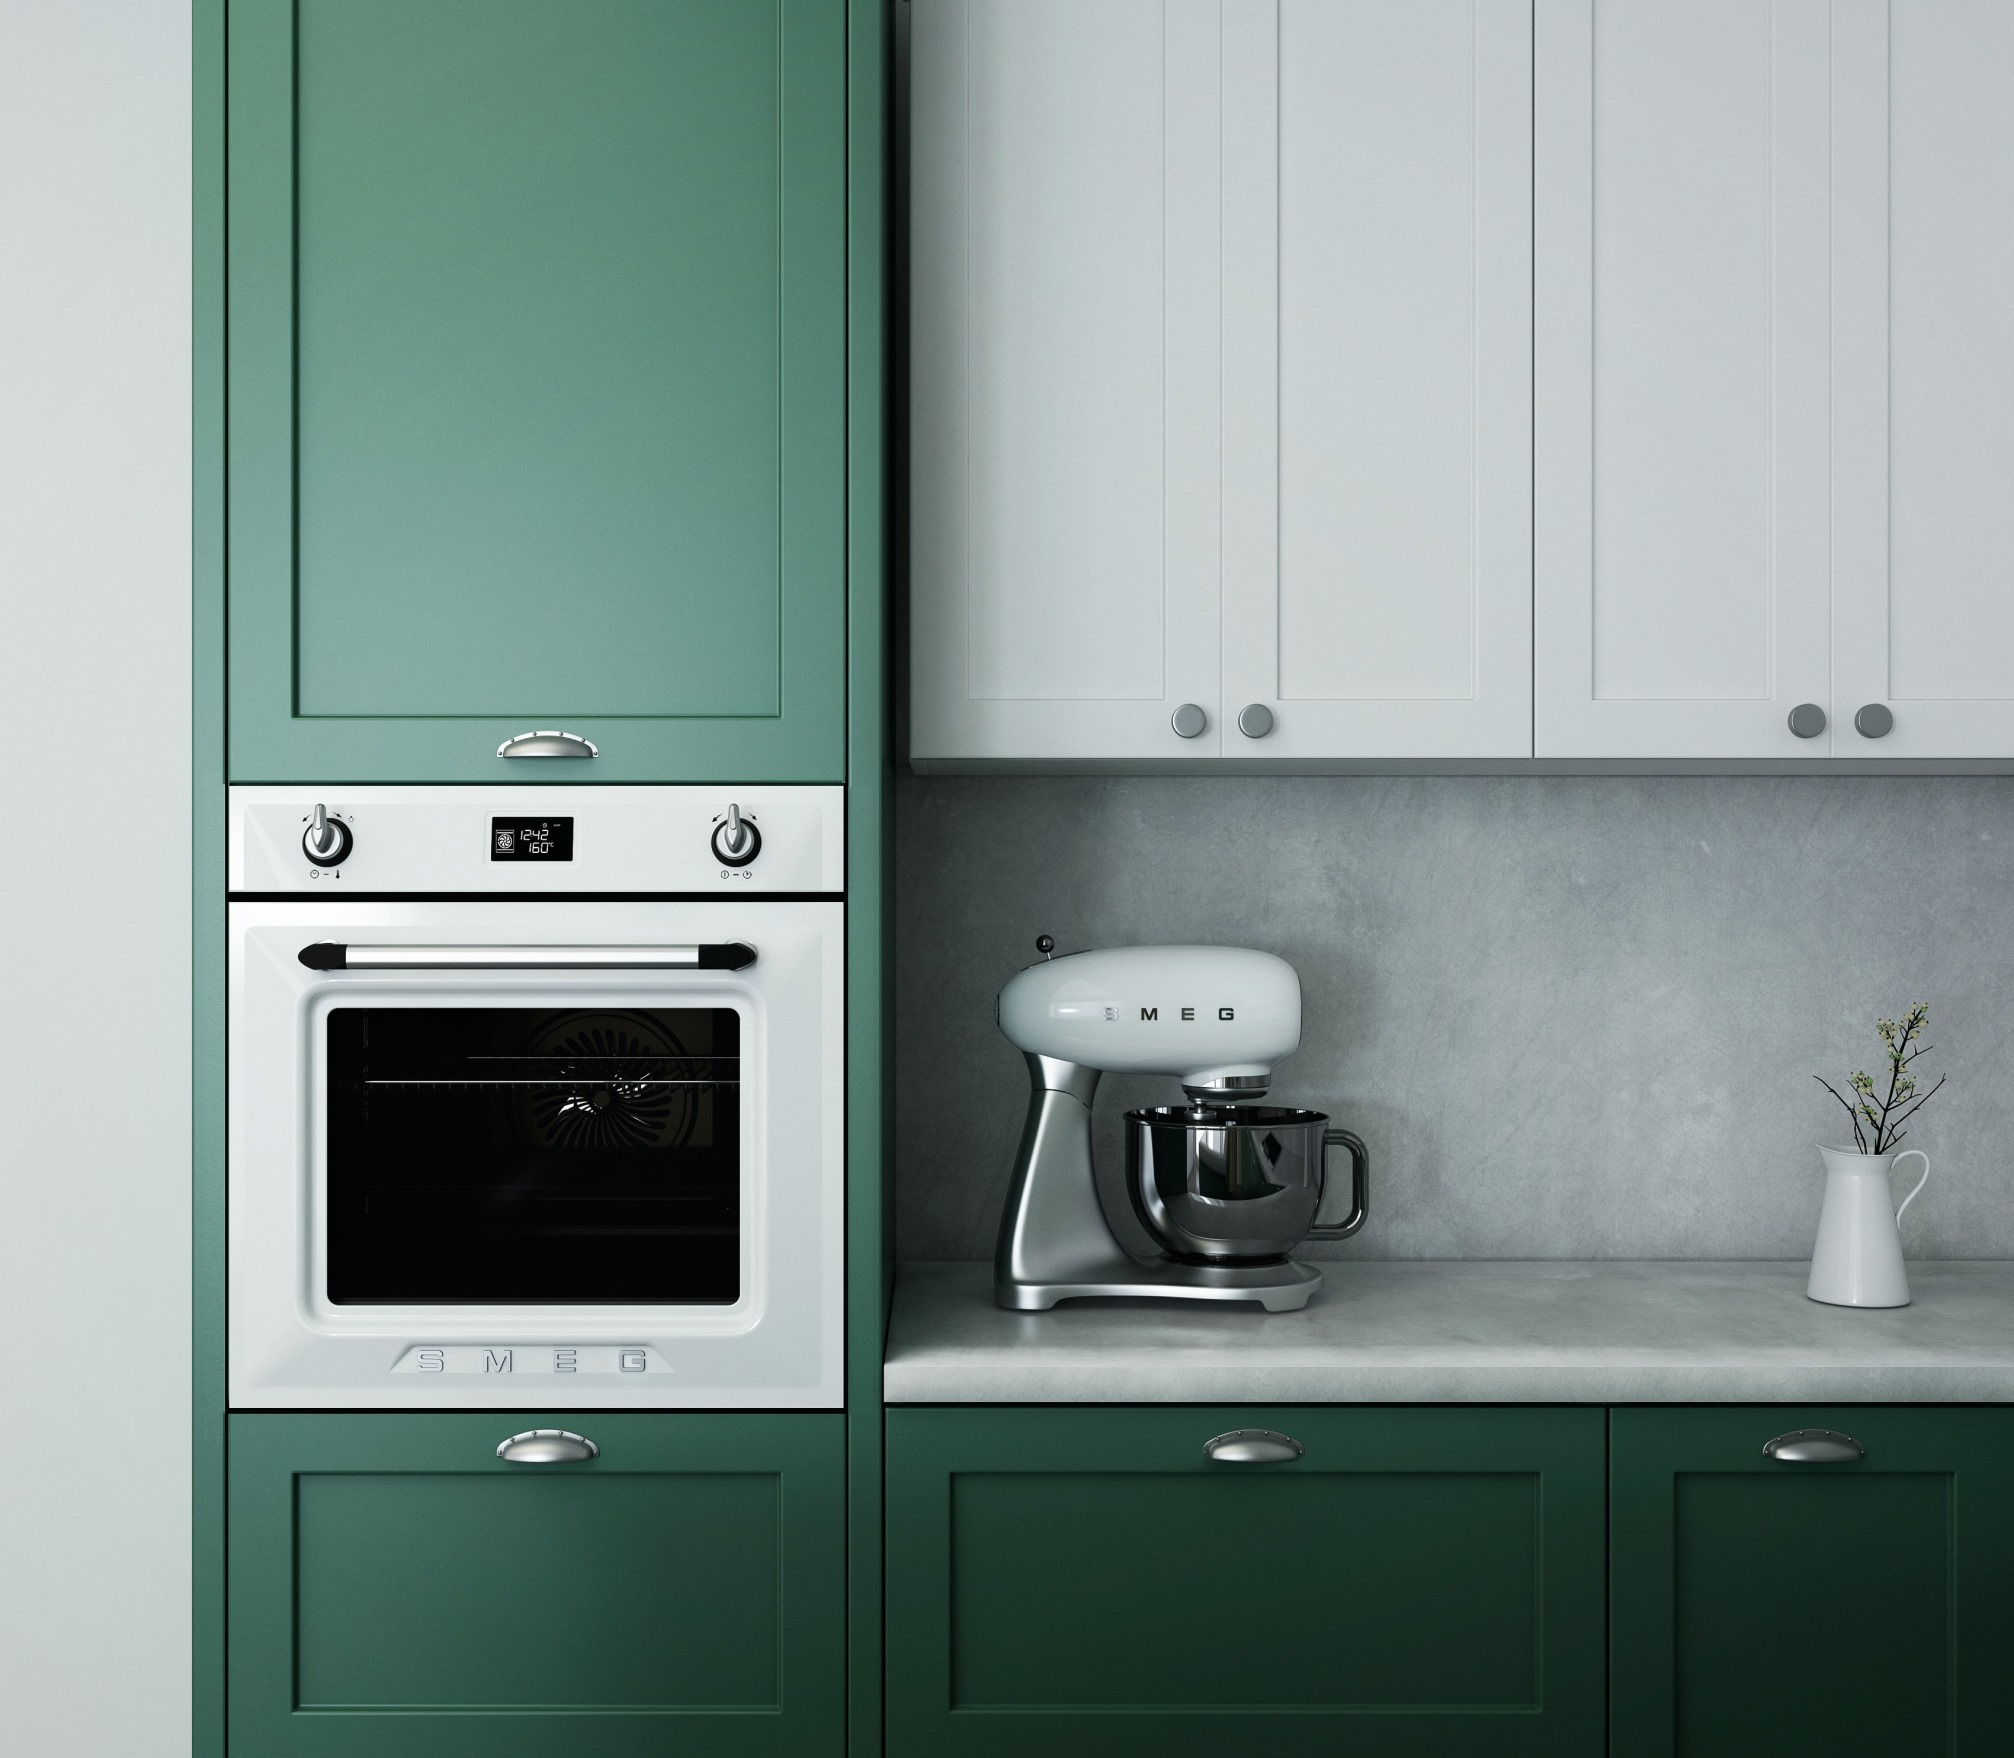 Studio Stanca nam otkriva trend u bojama za kuhinje za ovu godinu